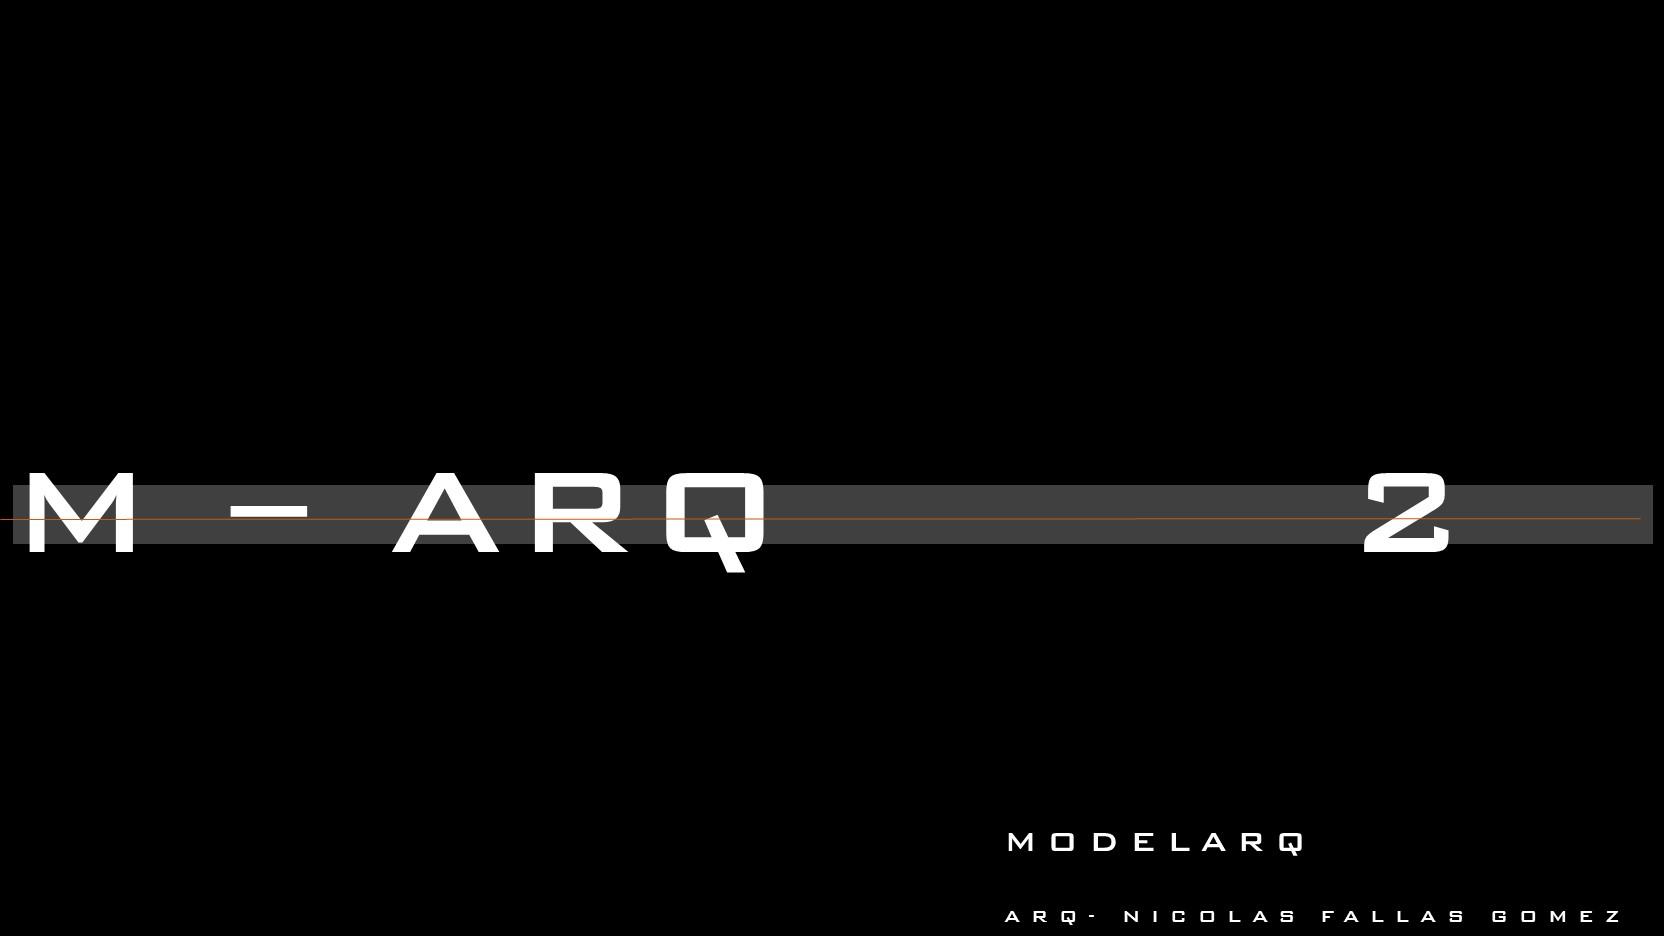 M-ARQ 2 (1)